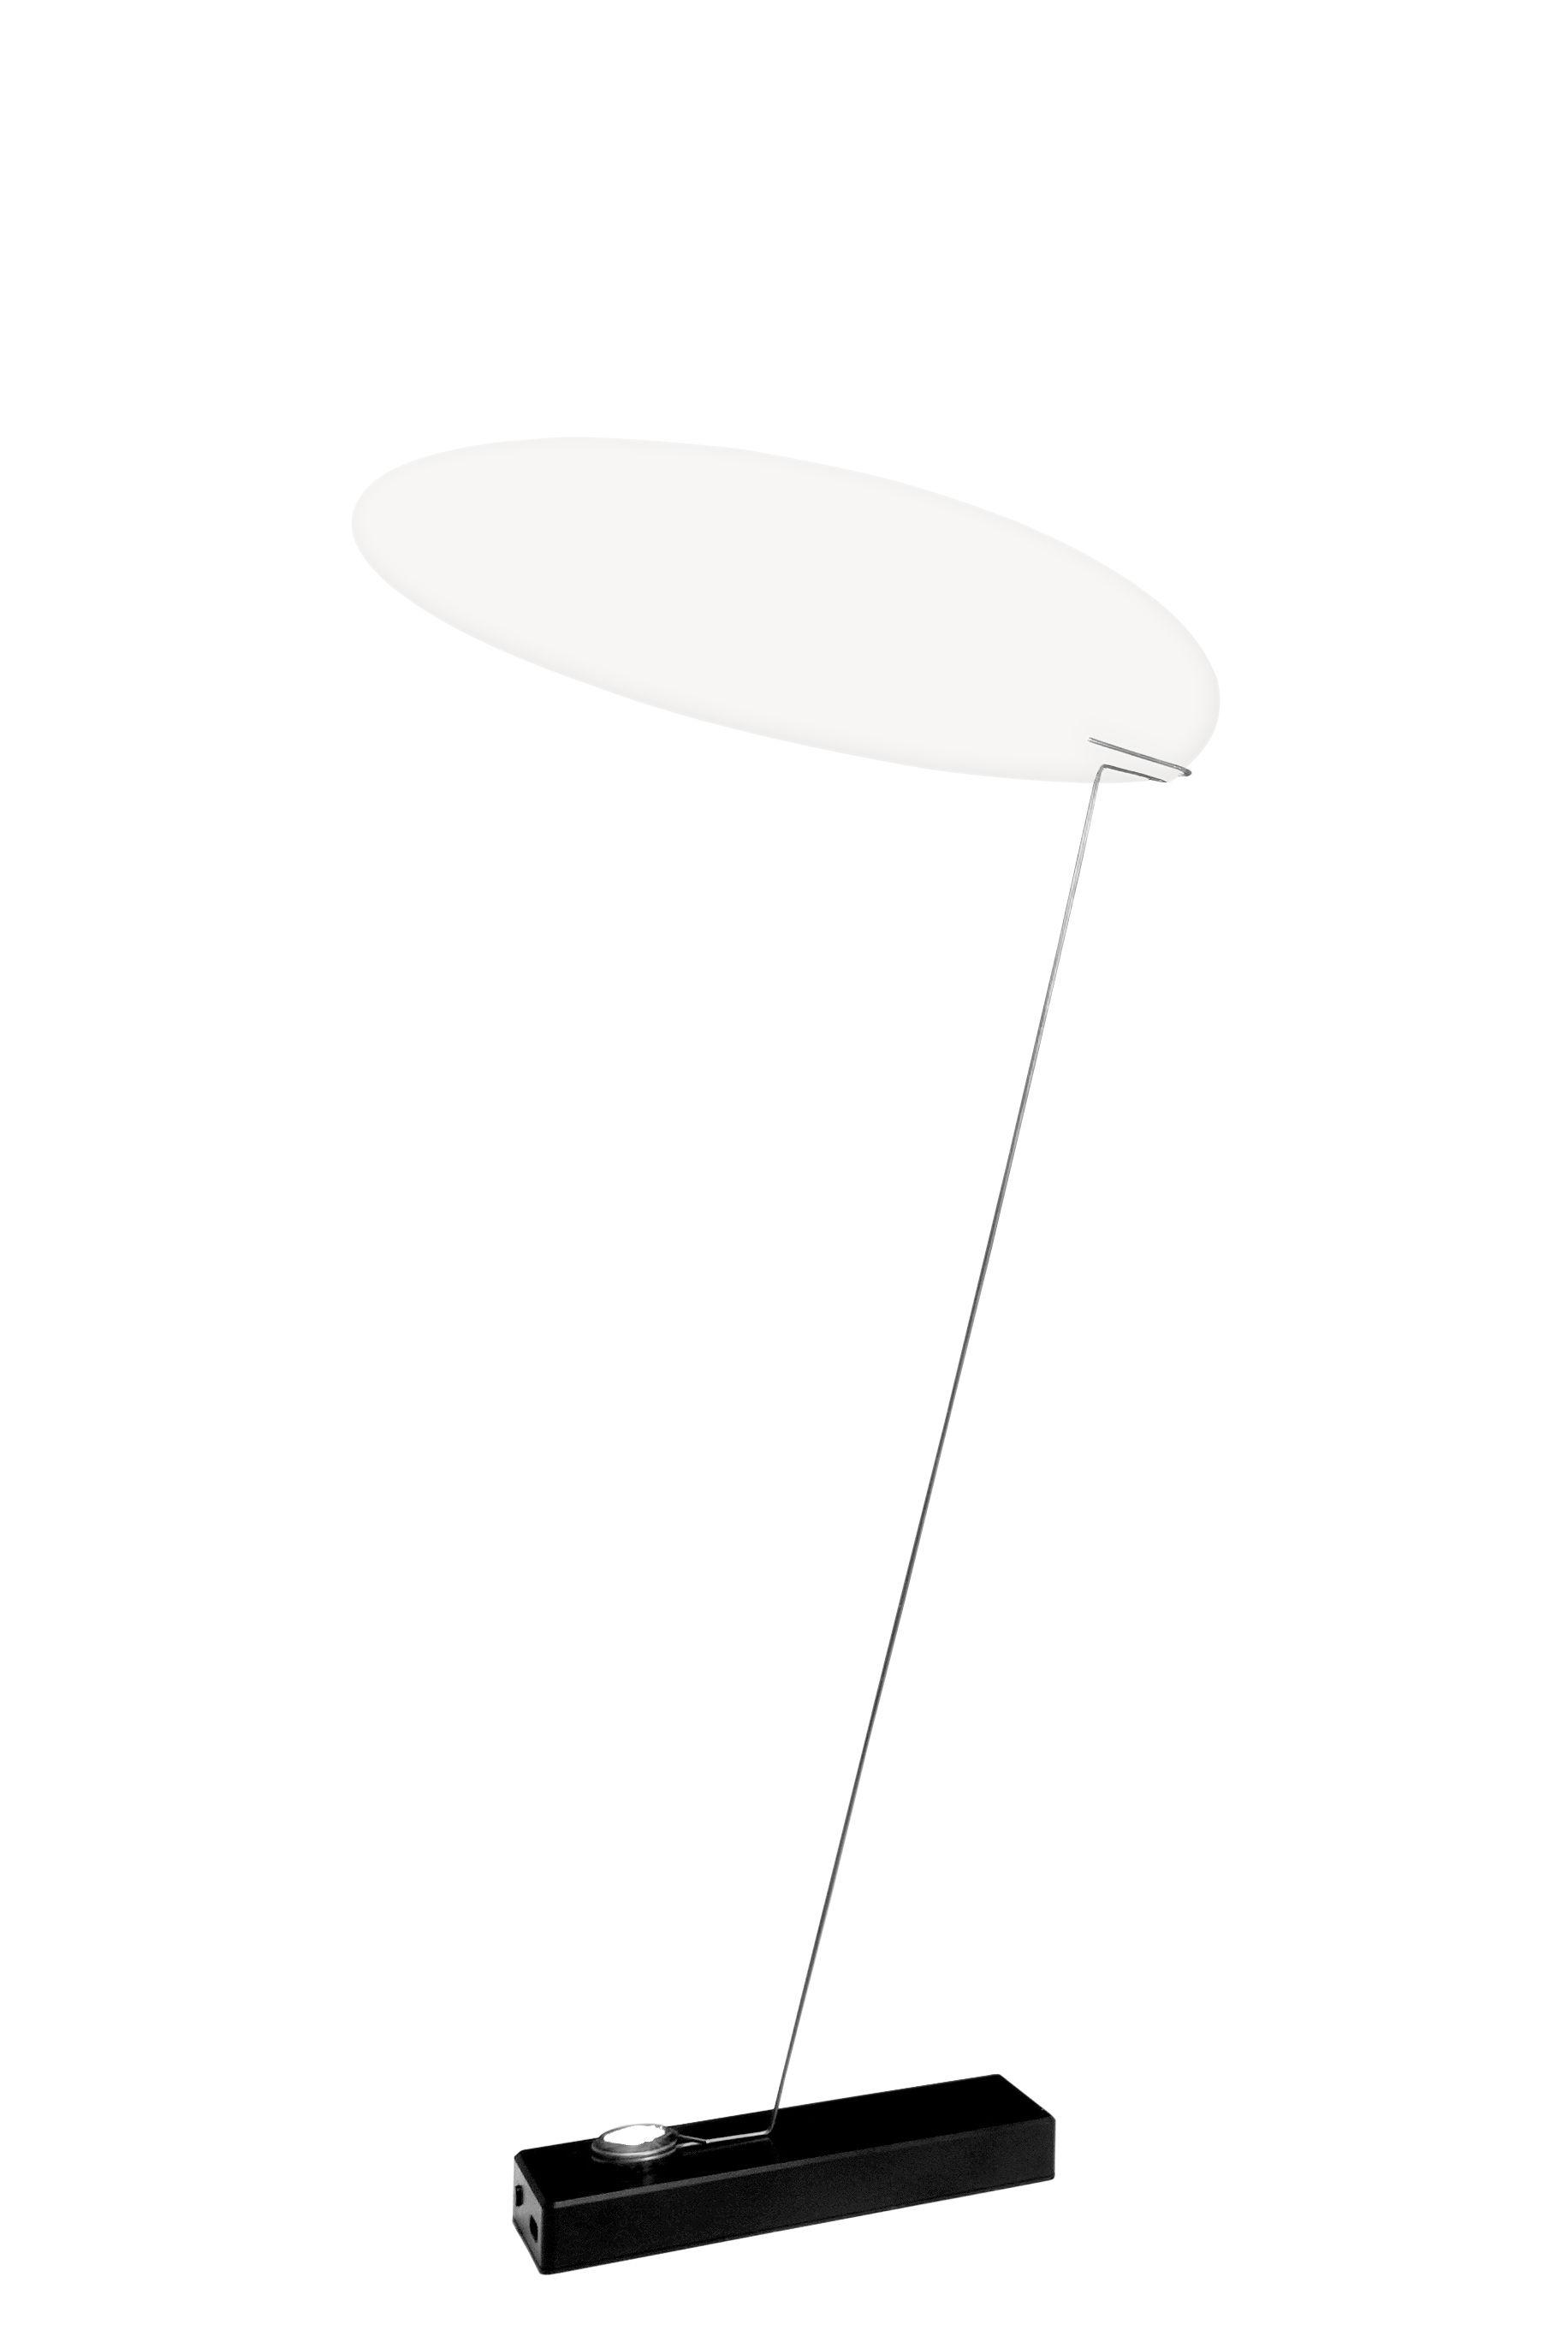 Luminaire - Lampes de table - Lampe sans fil Koyoo LED / Papier - Recharge USB - Ingo Maurer - Blanc / Base noire - Aluminium peint, Fil de fer, Papier